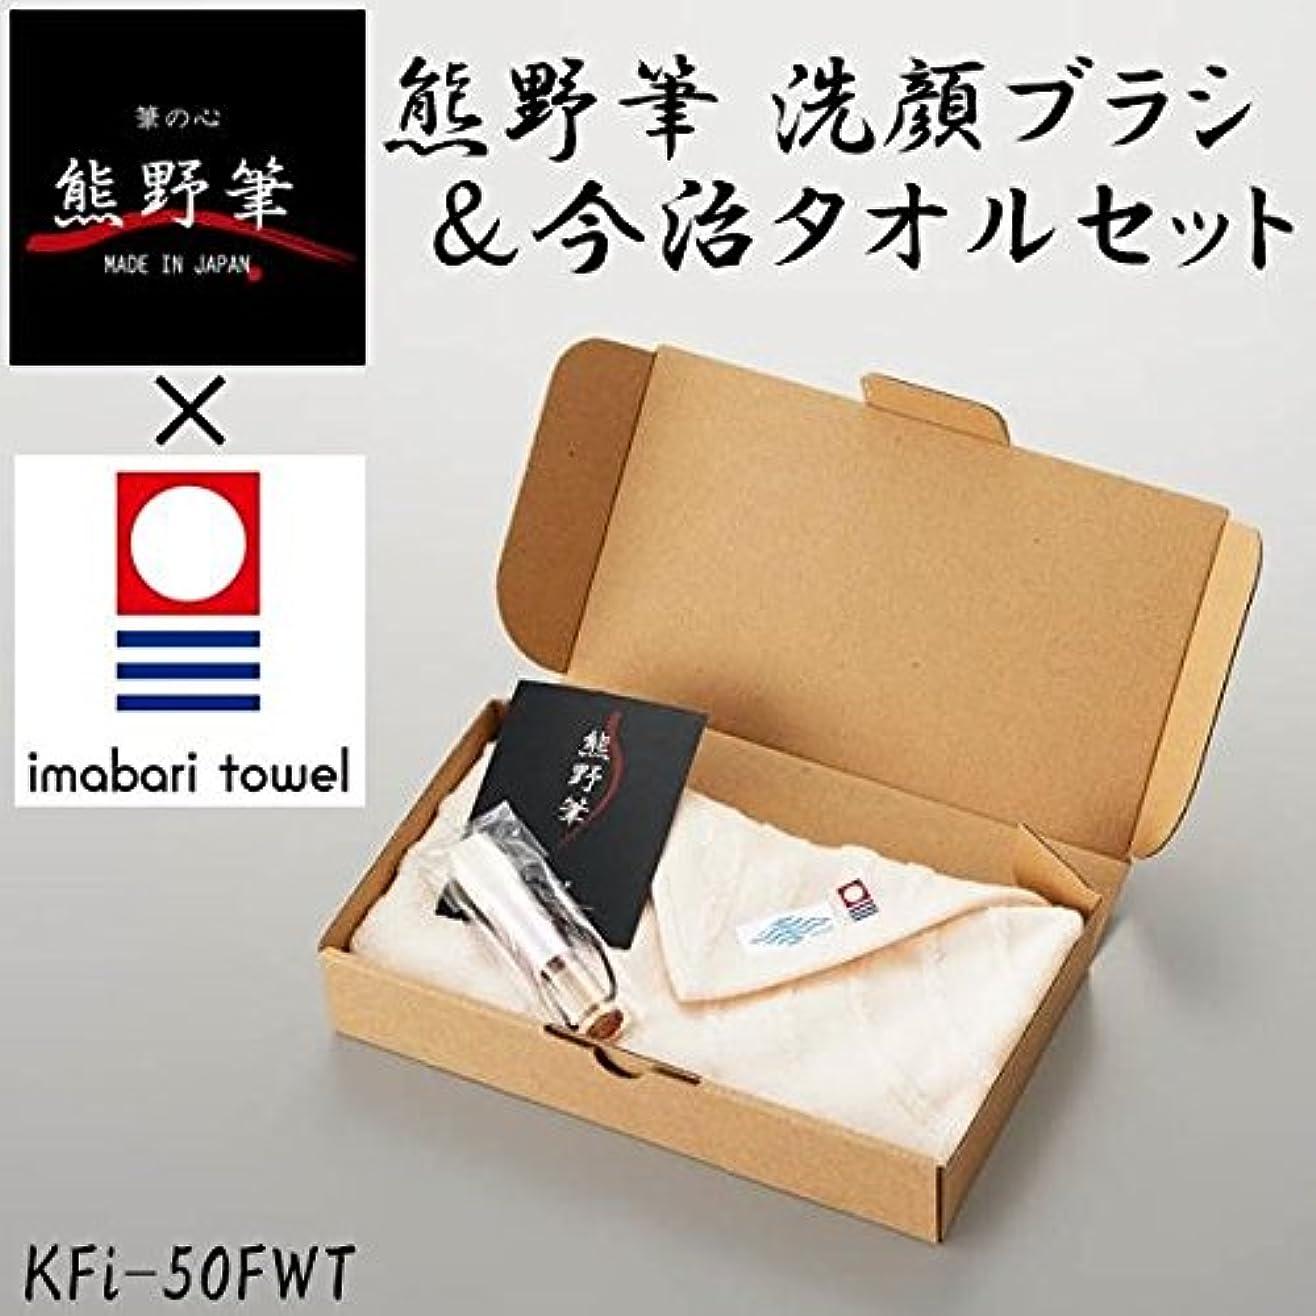 アメリカセラフ核熊野筆 洗顔ブラシ&今治タオルセット KFi-50FWT【同梱?代引不可】